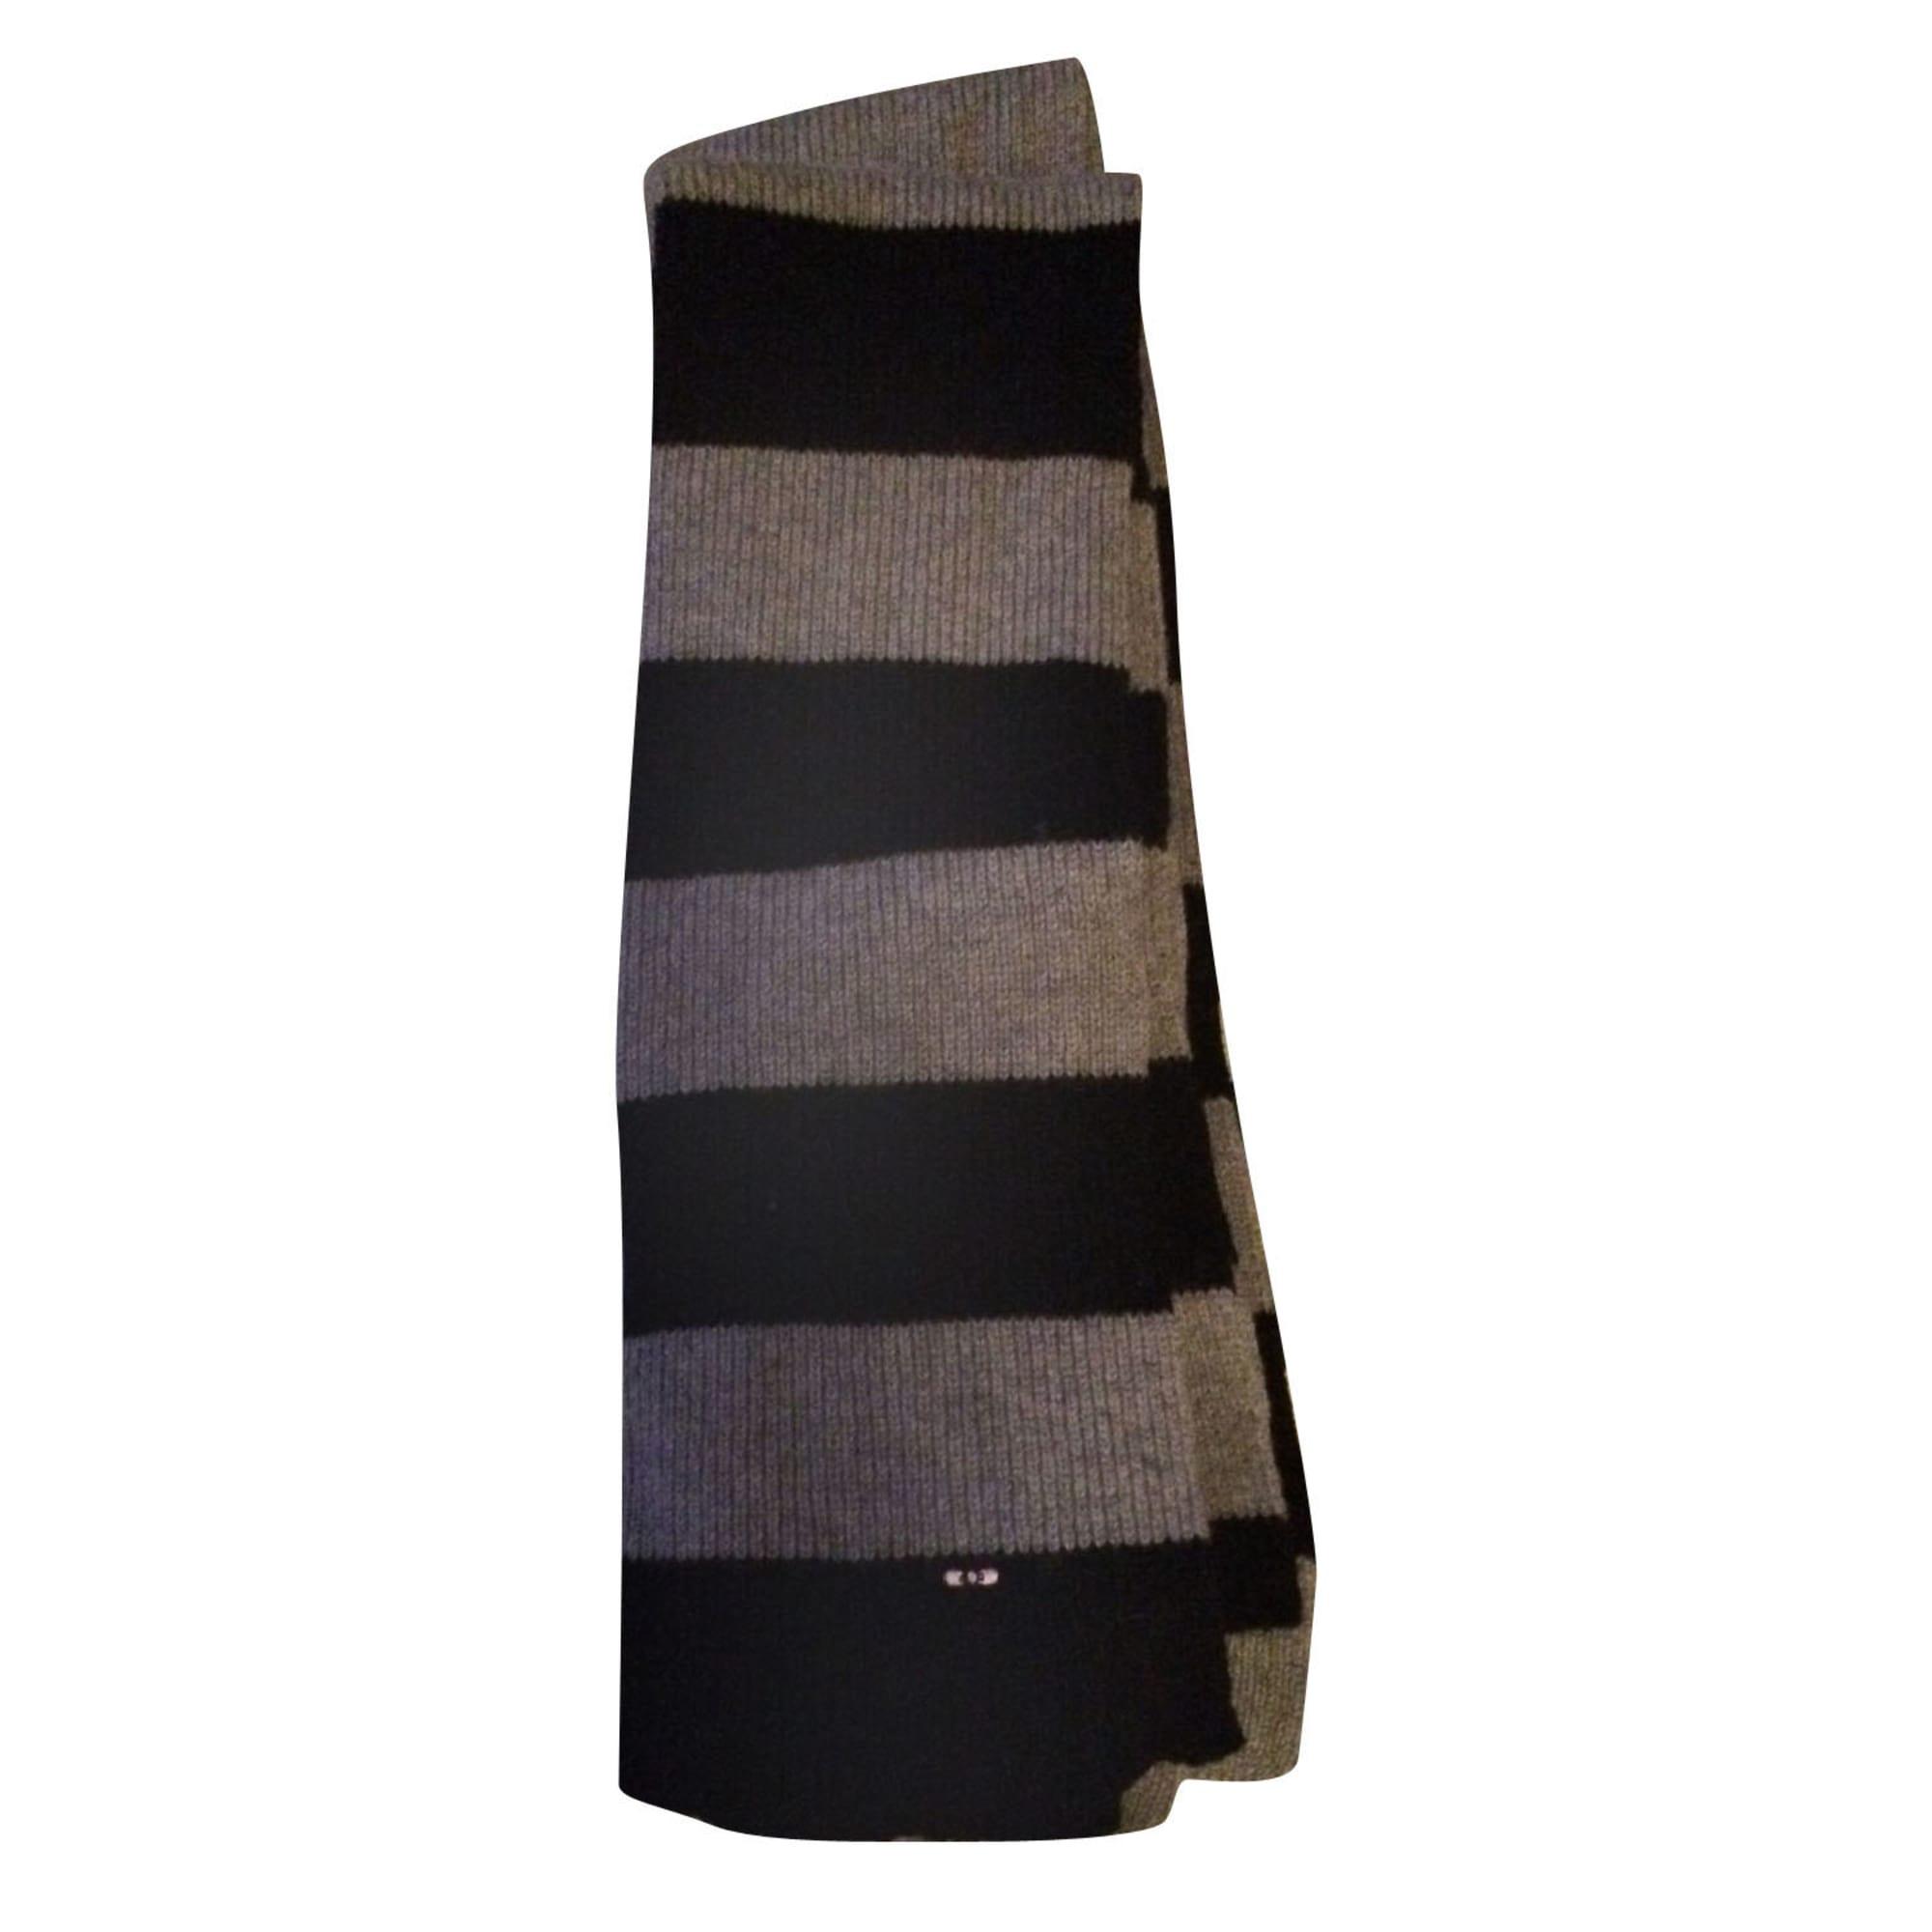 Echarpe EDEN PARK gris noir - 7332017 1df21fce61b